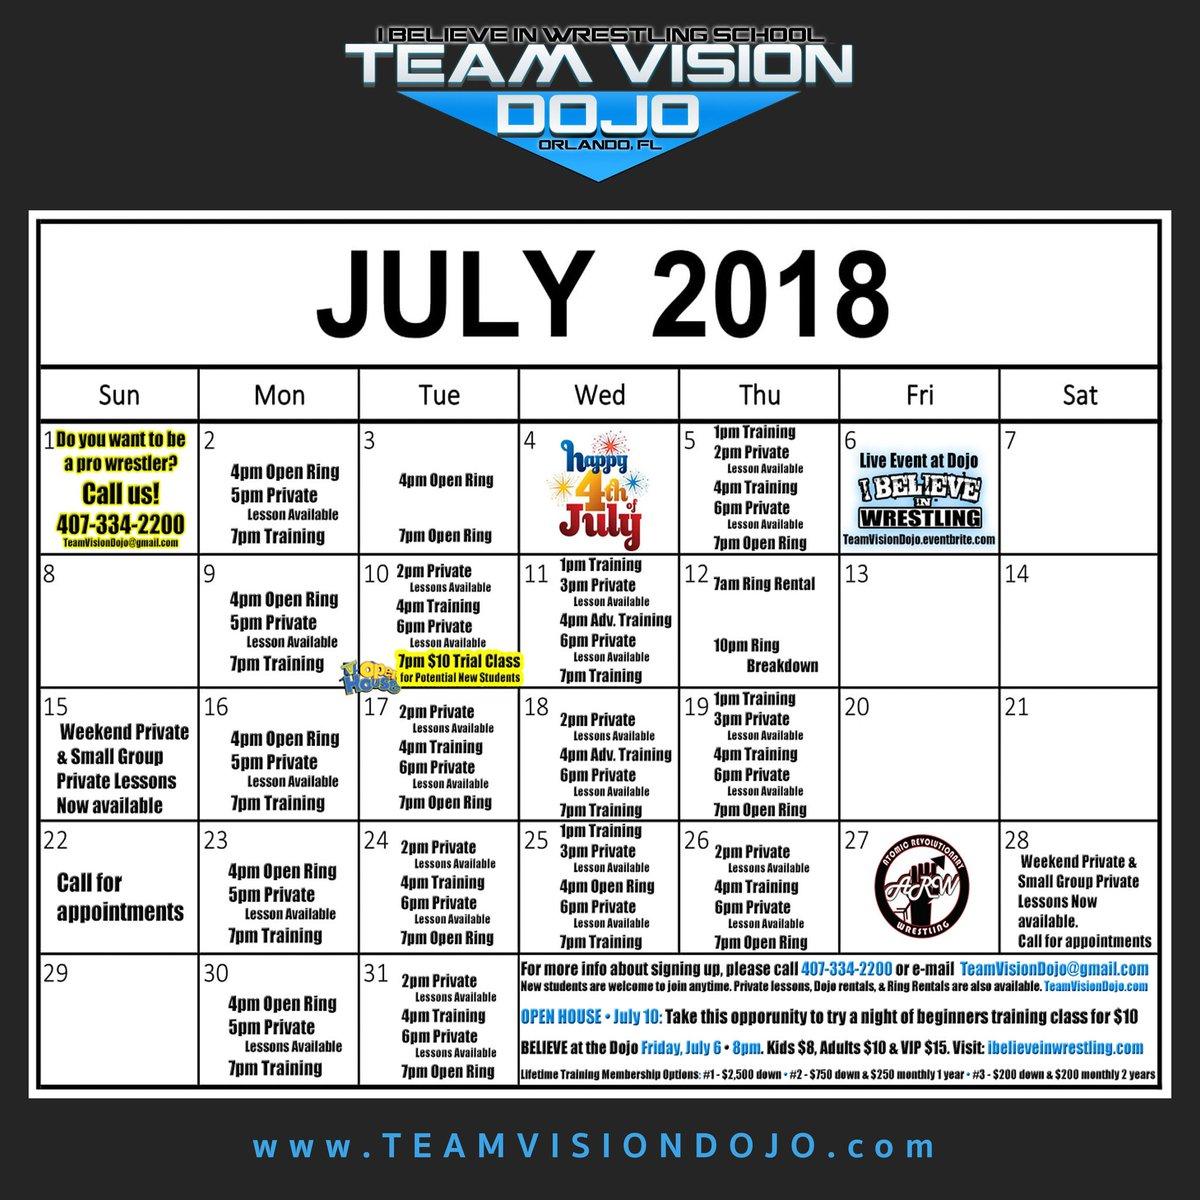 Team Vision Dojo on Twitter: